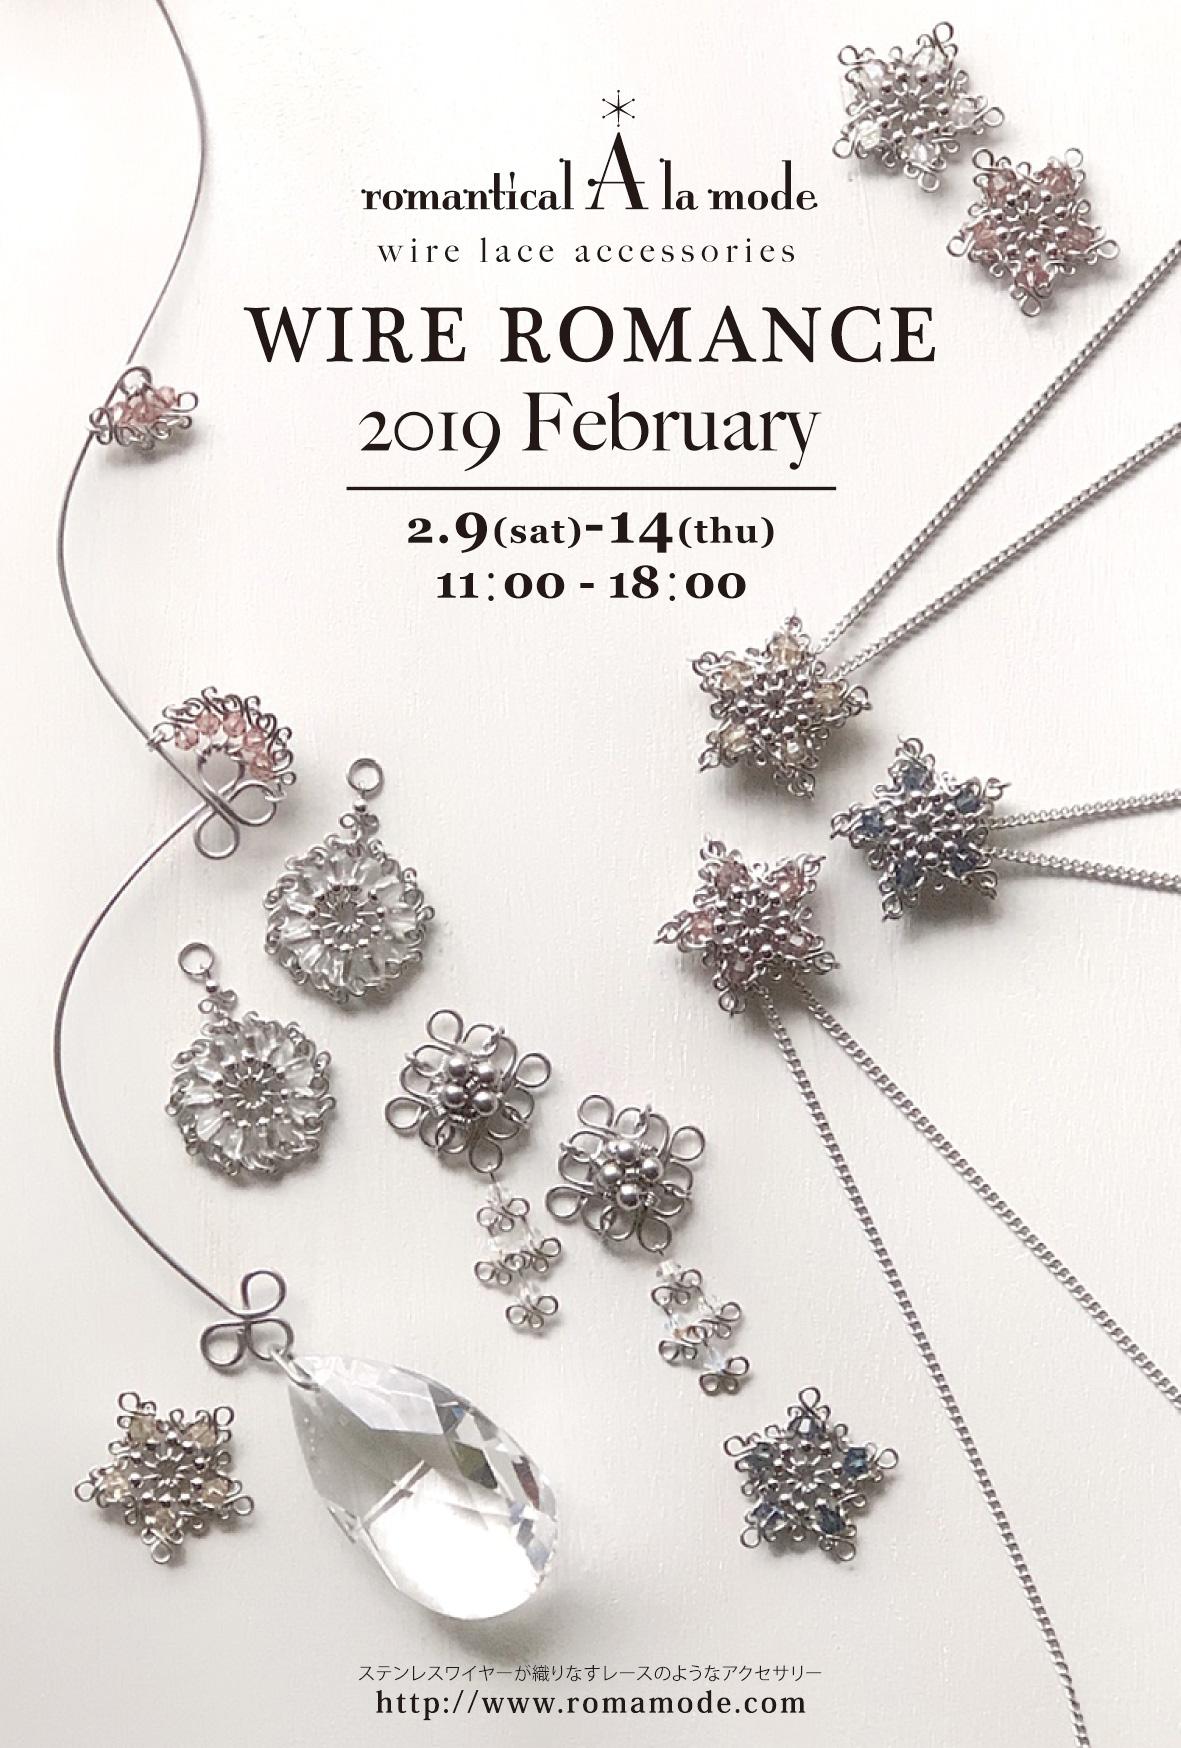 個展『WIRE ROMANCE 2019 February』